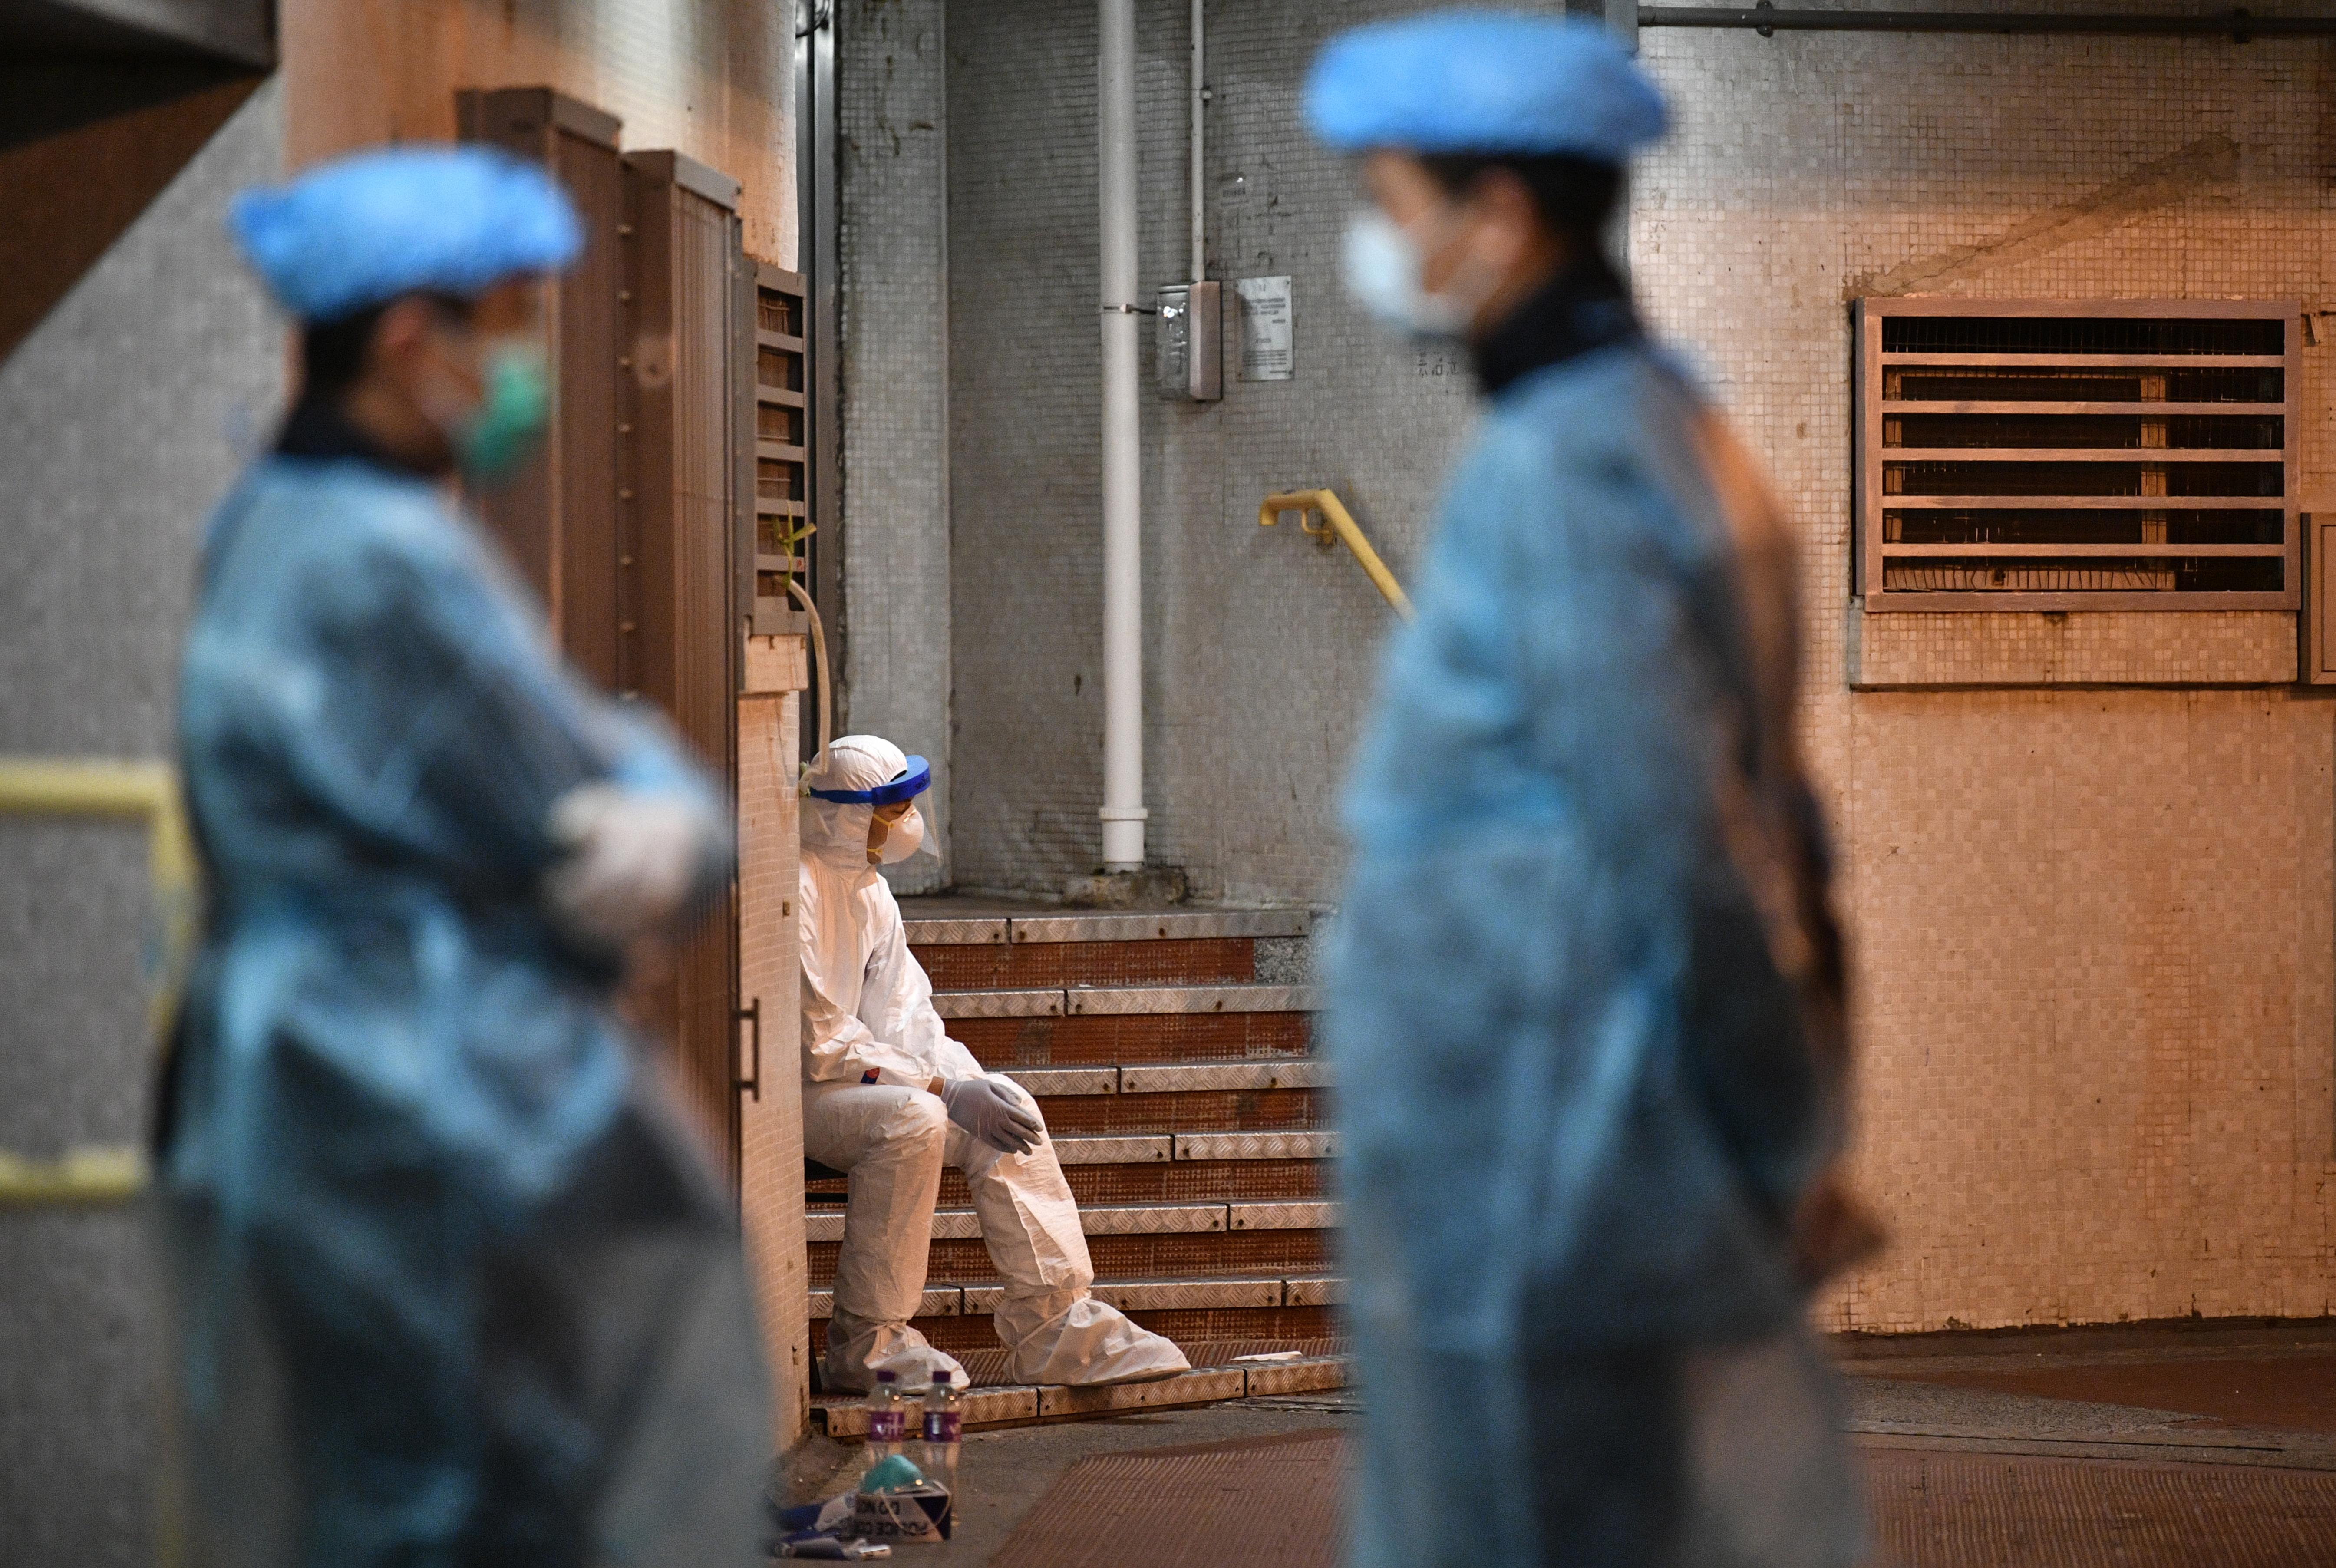 Újra megfertőzött a koronavírus egy hongkongi férfit, 4,5 hónappal a felépülése után